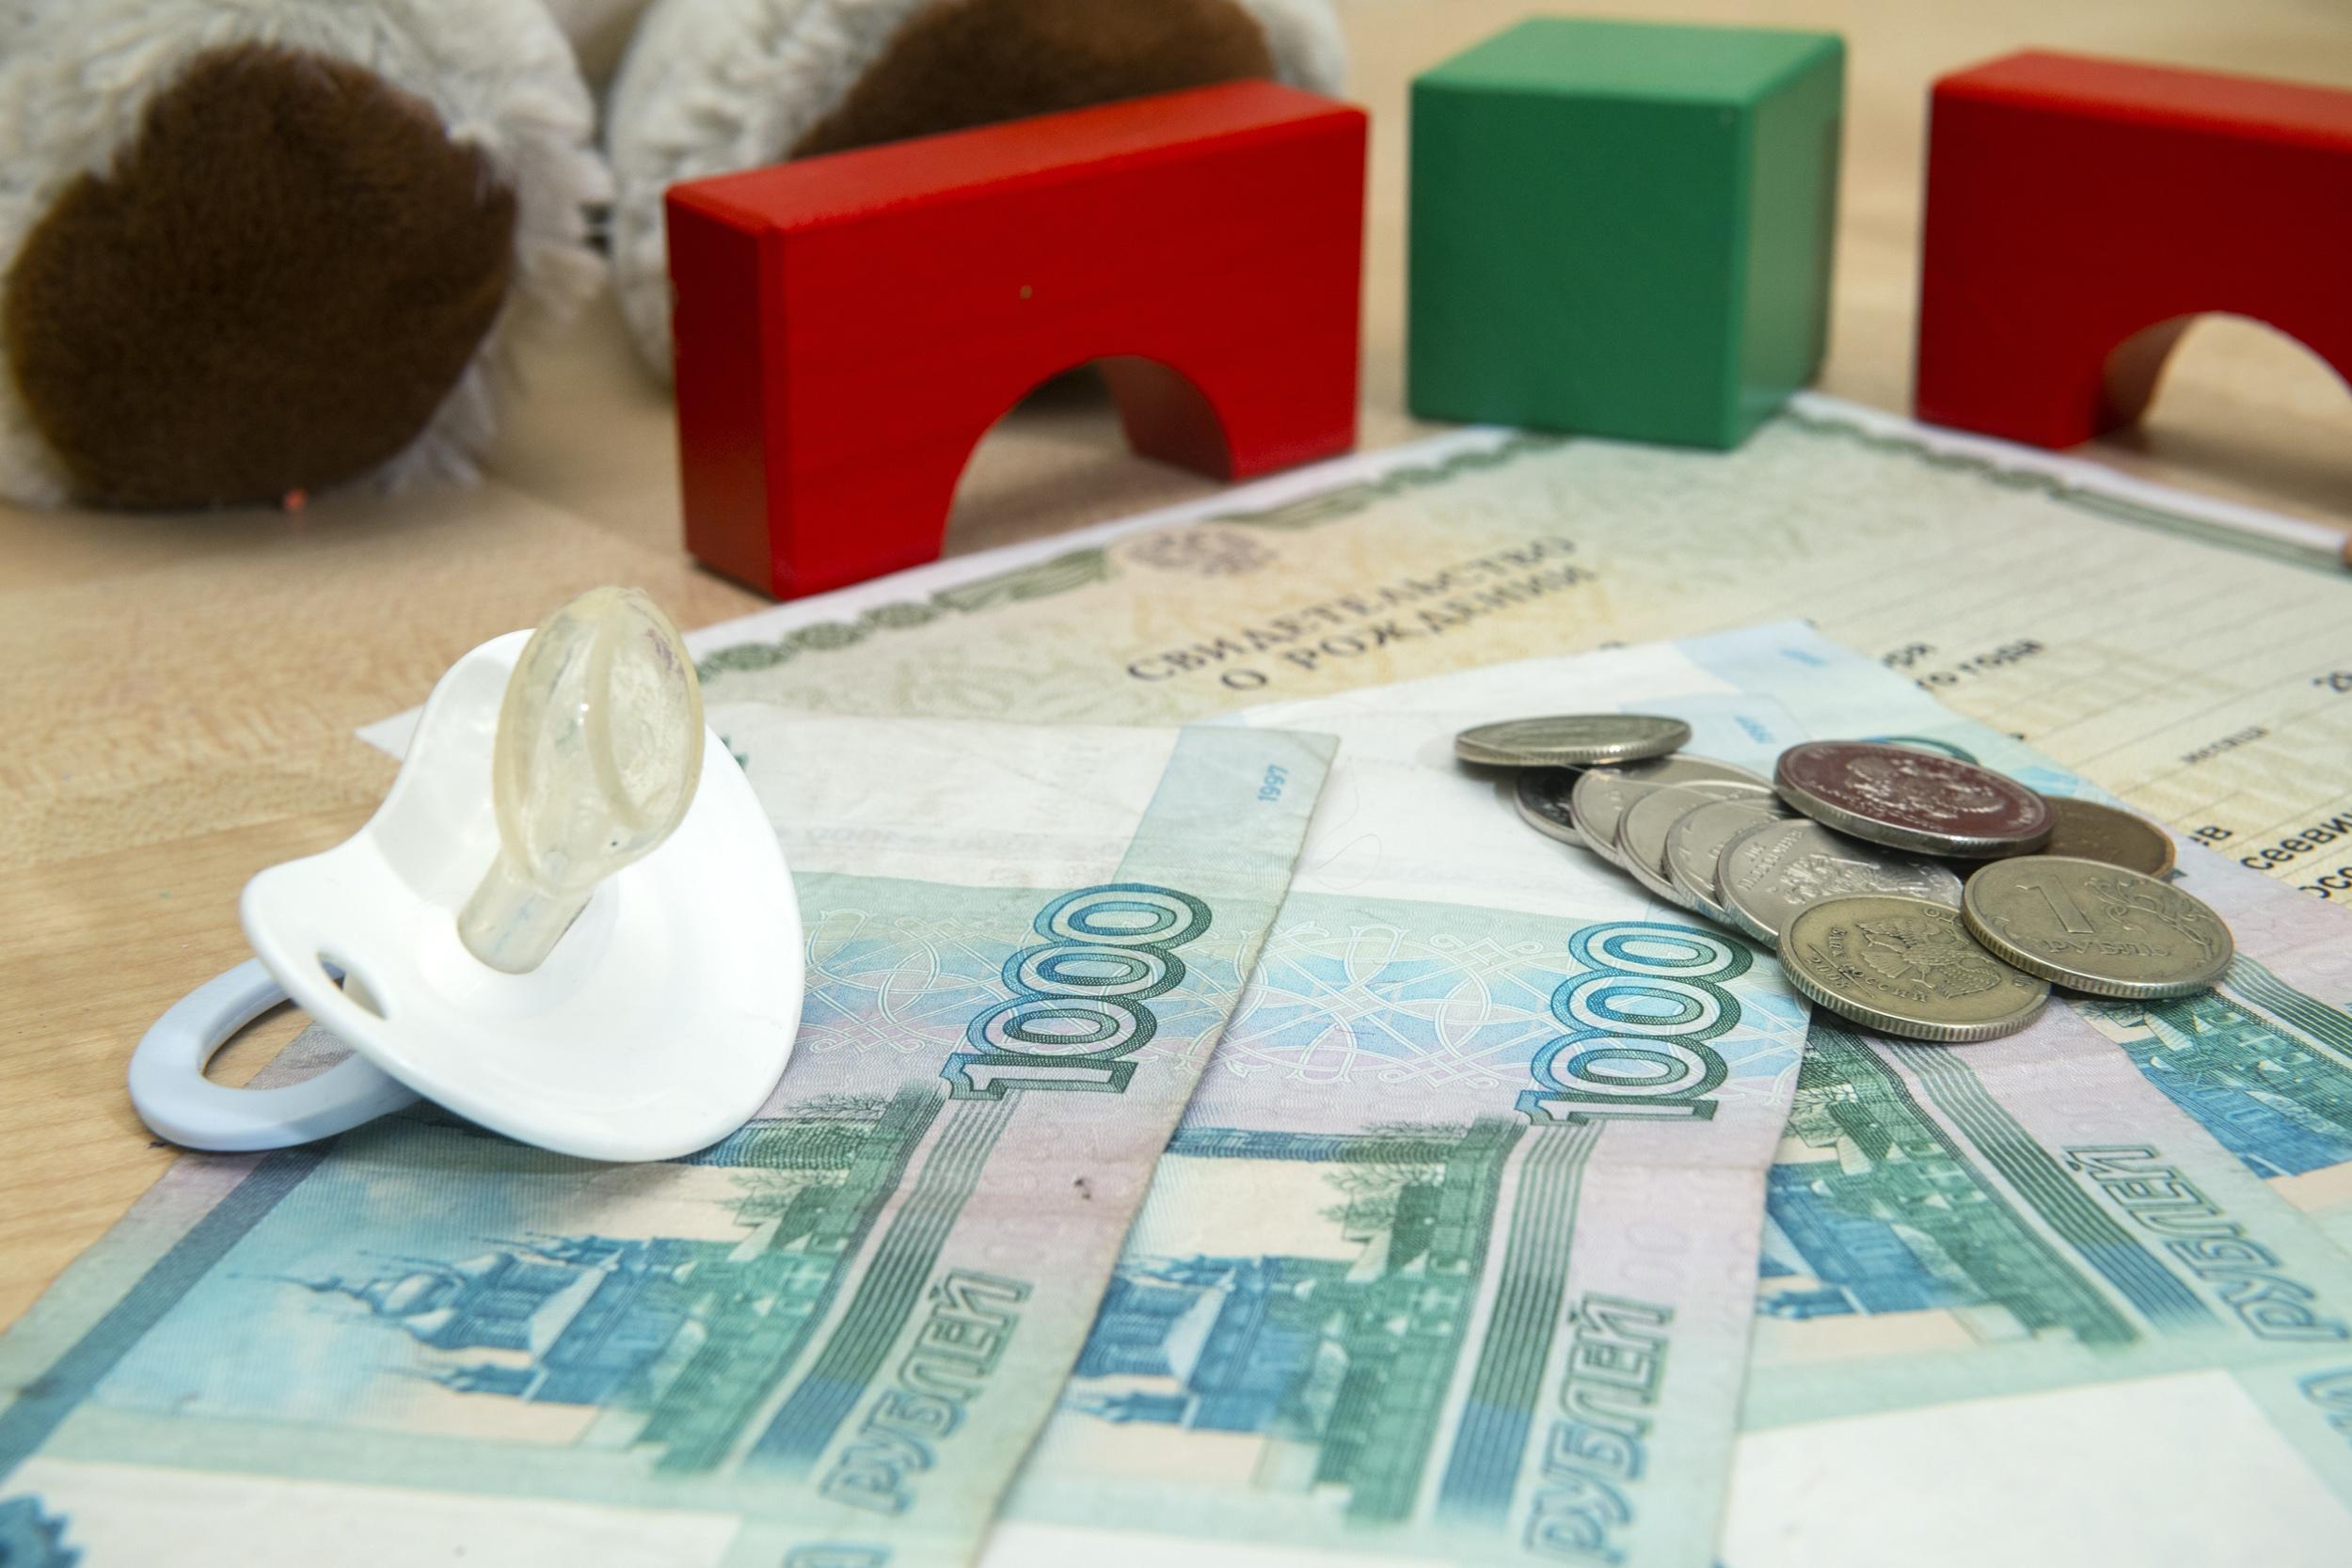 Семьям с детьми до 7 лет выплатят по 5 тысяч рублей к Новому году